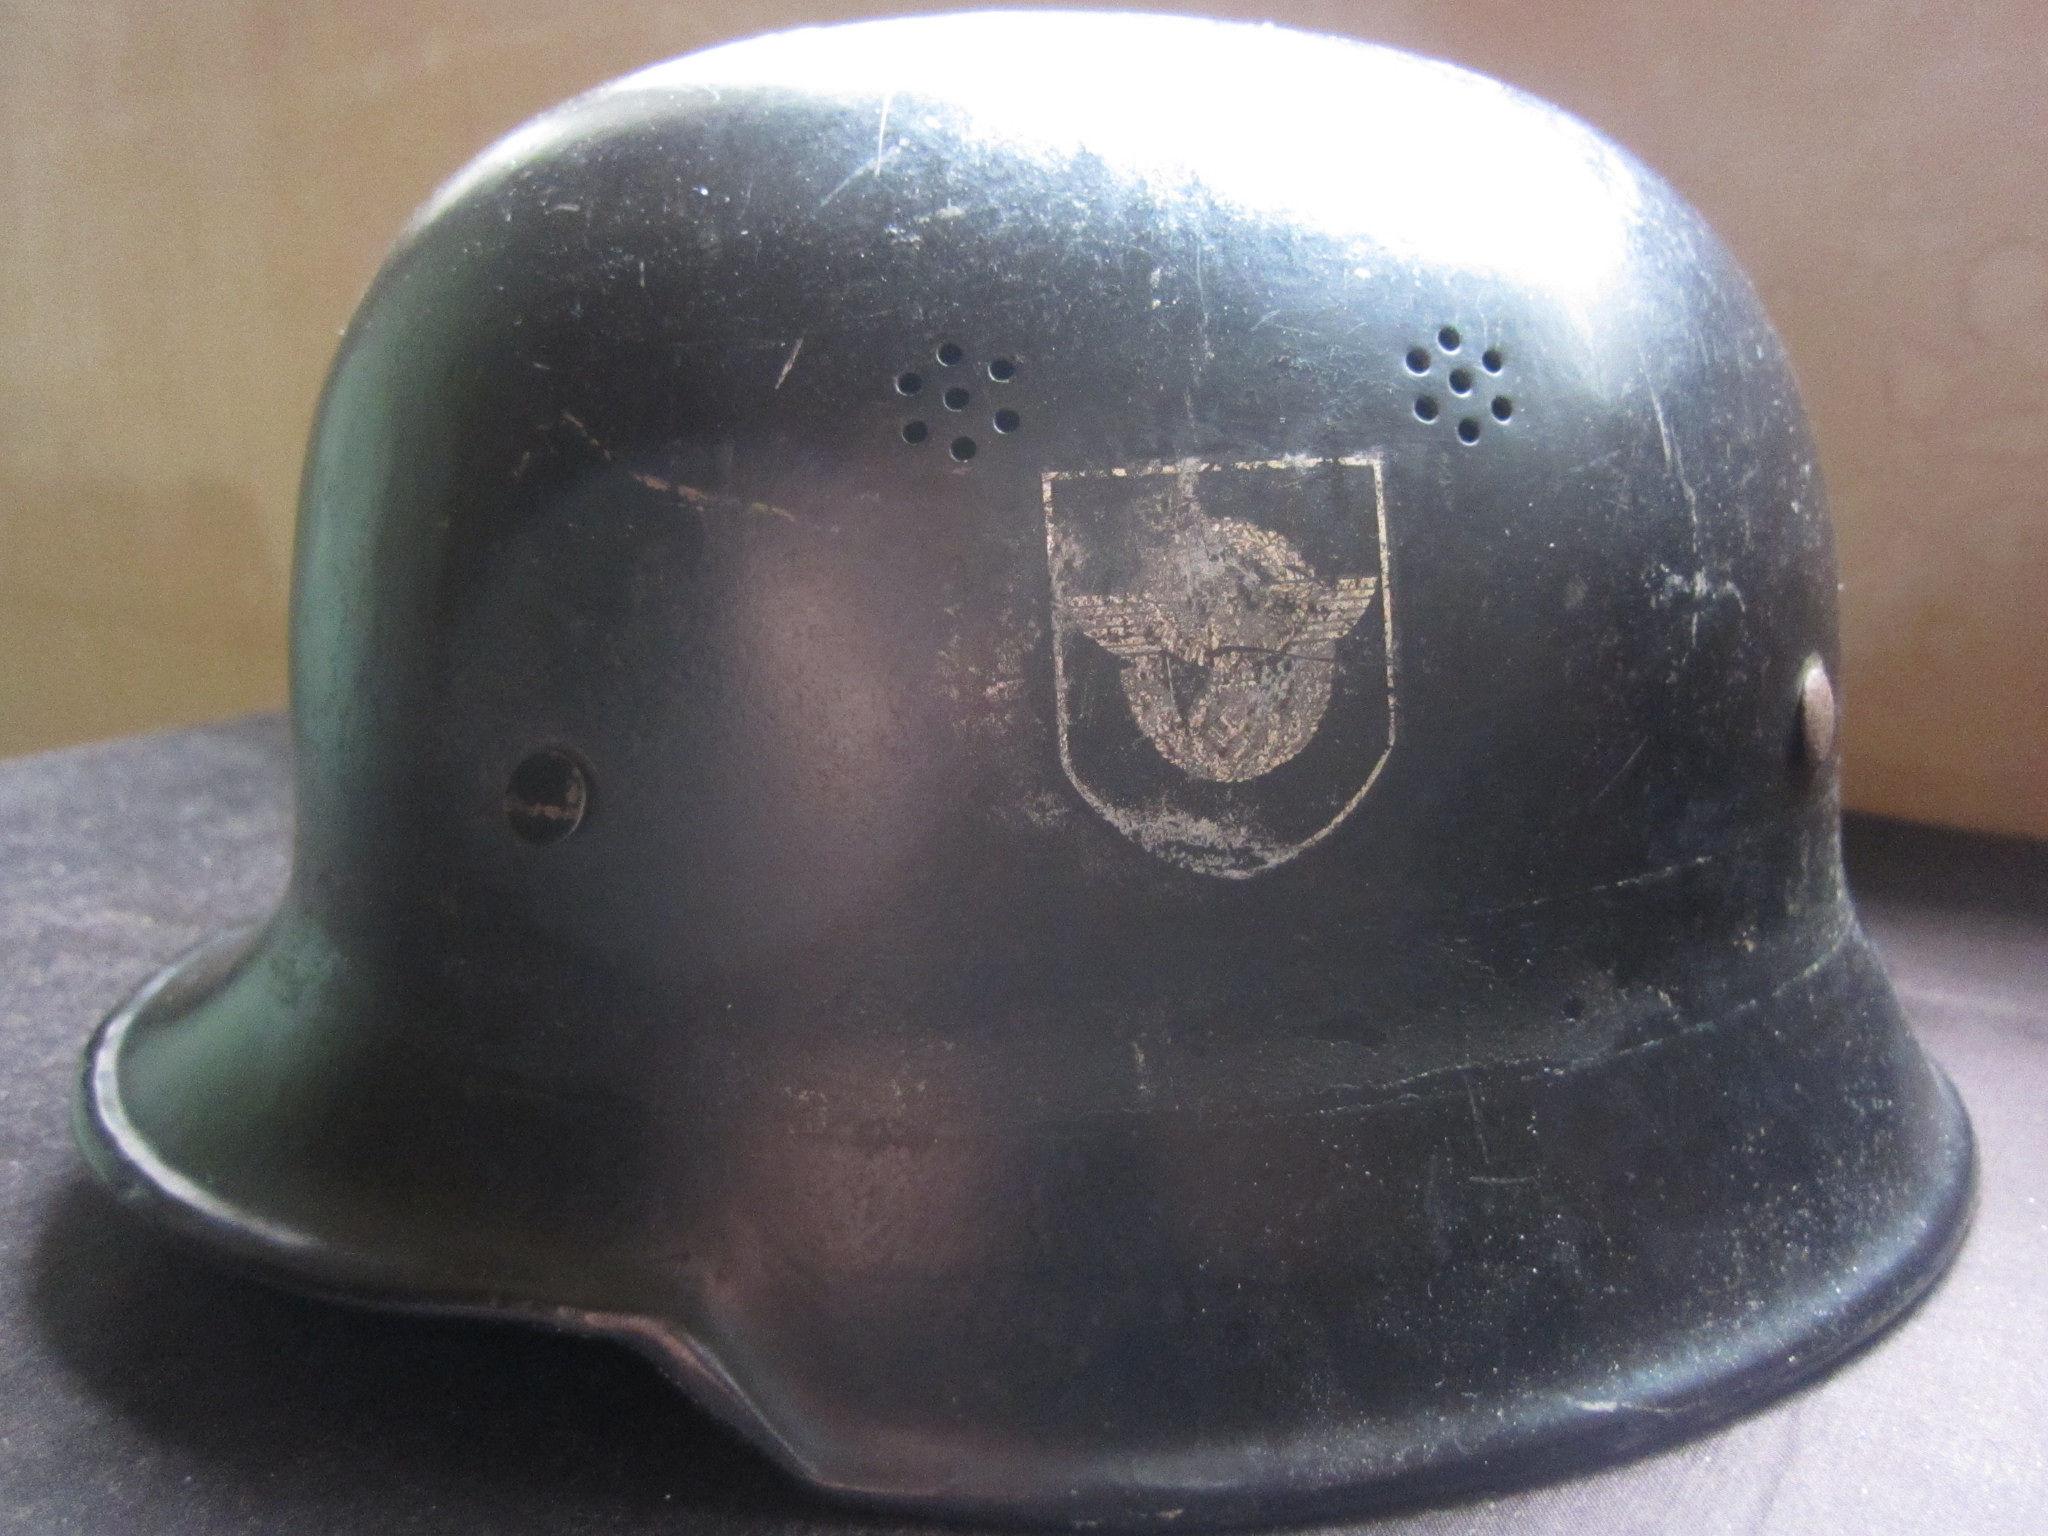 Original Ww2 German Helmet Feuerpolizei Fire Police With